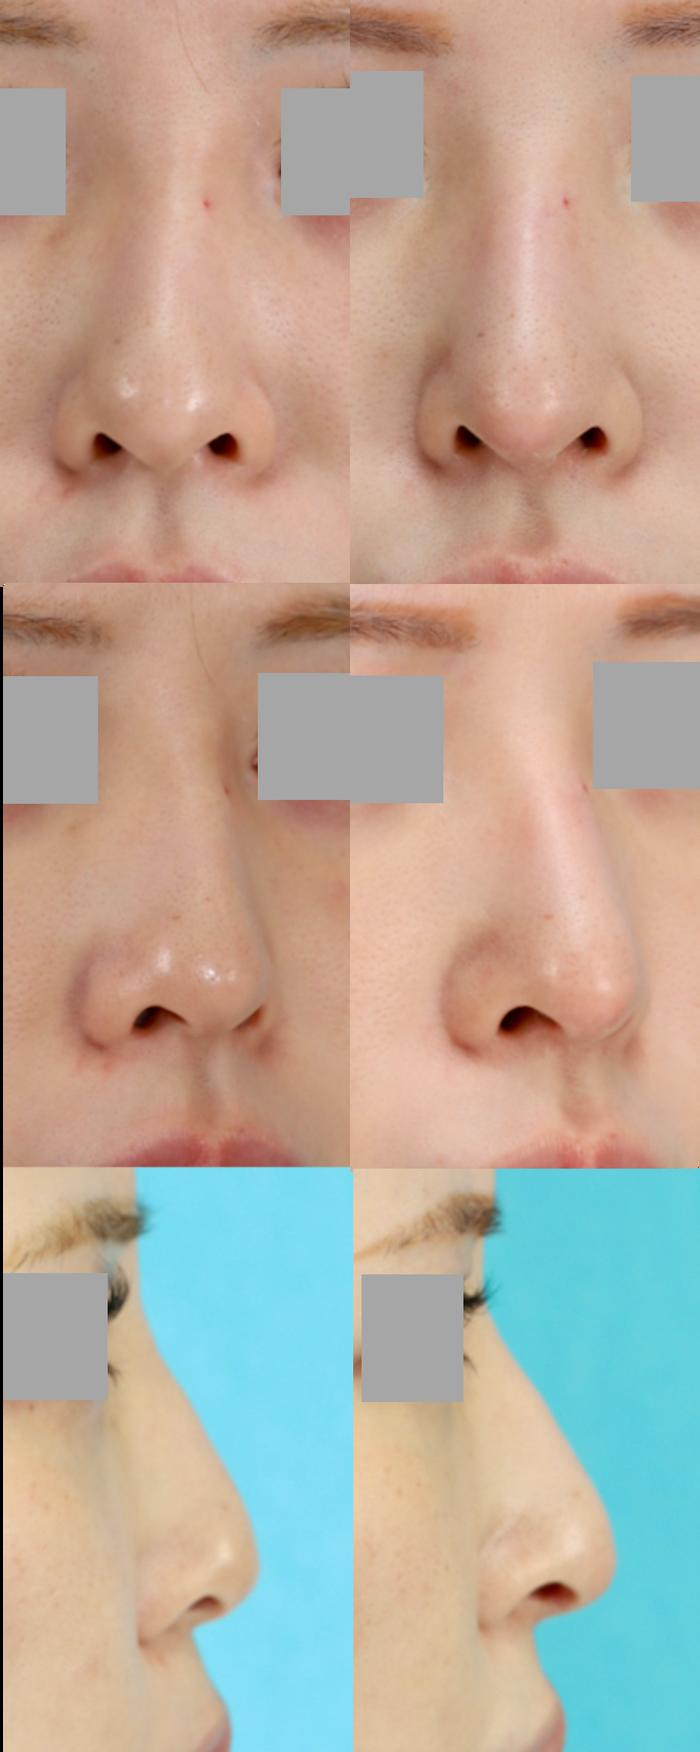 鼻中隔延長術 隆鼻術 シリコンプロテーゼ入替え 術後3ヶ月 拡大